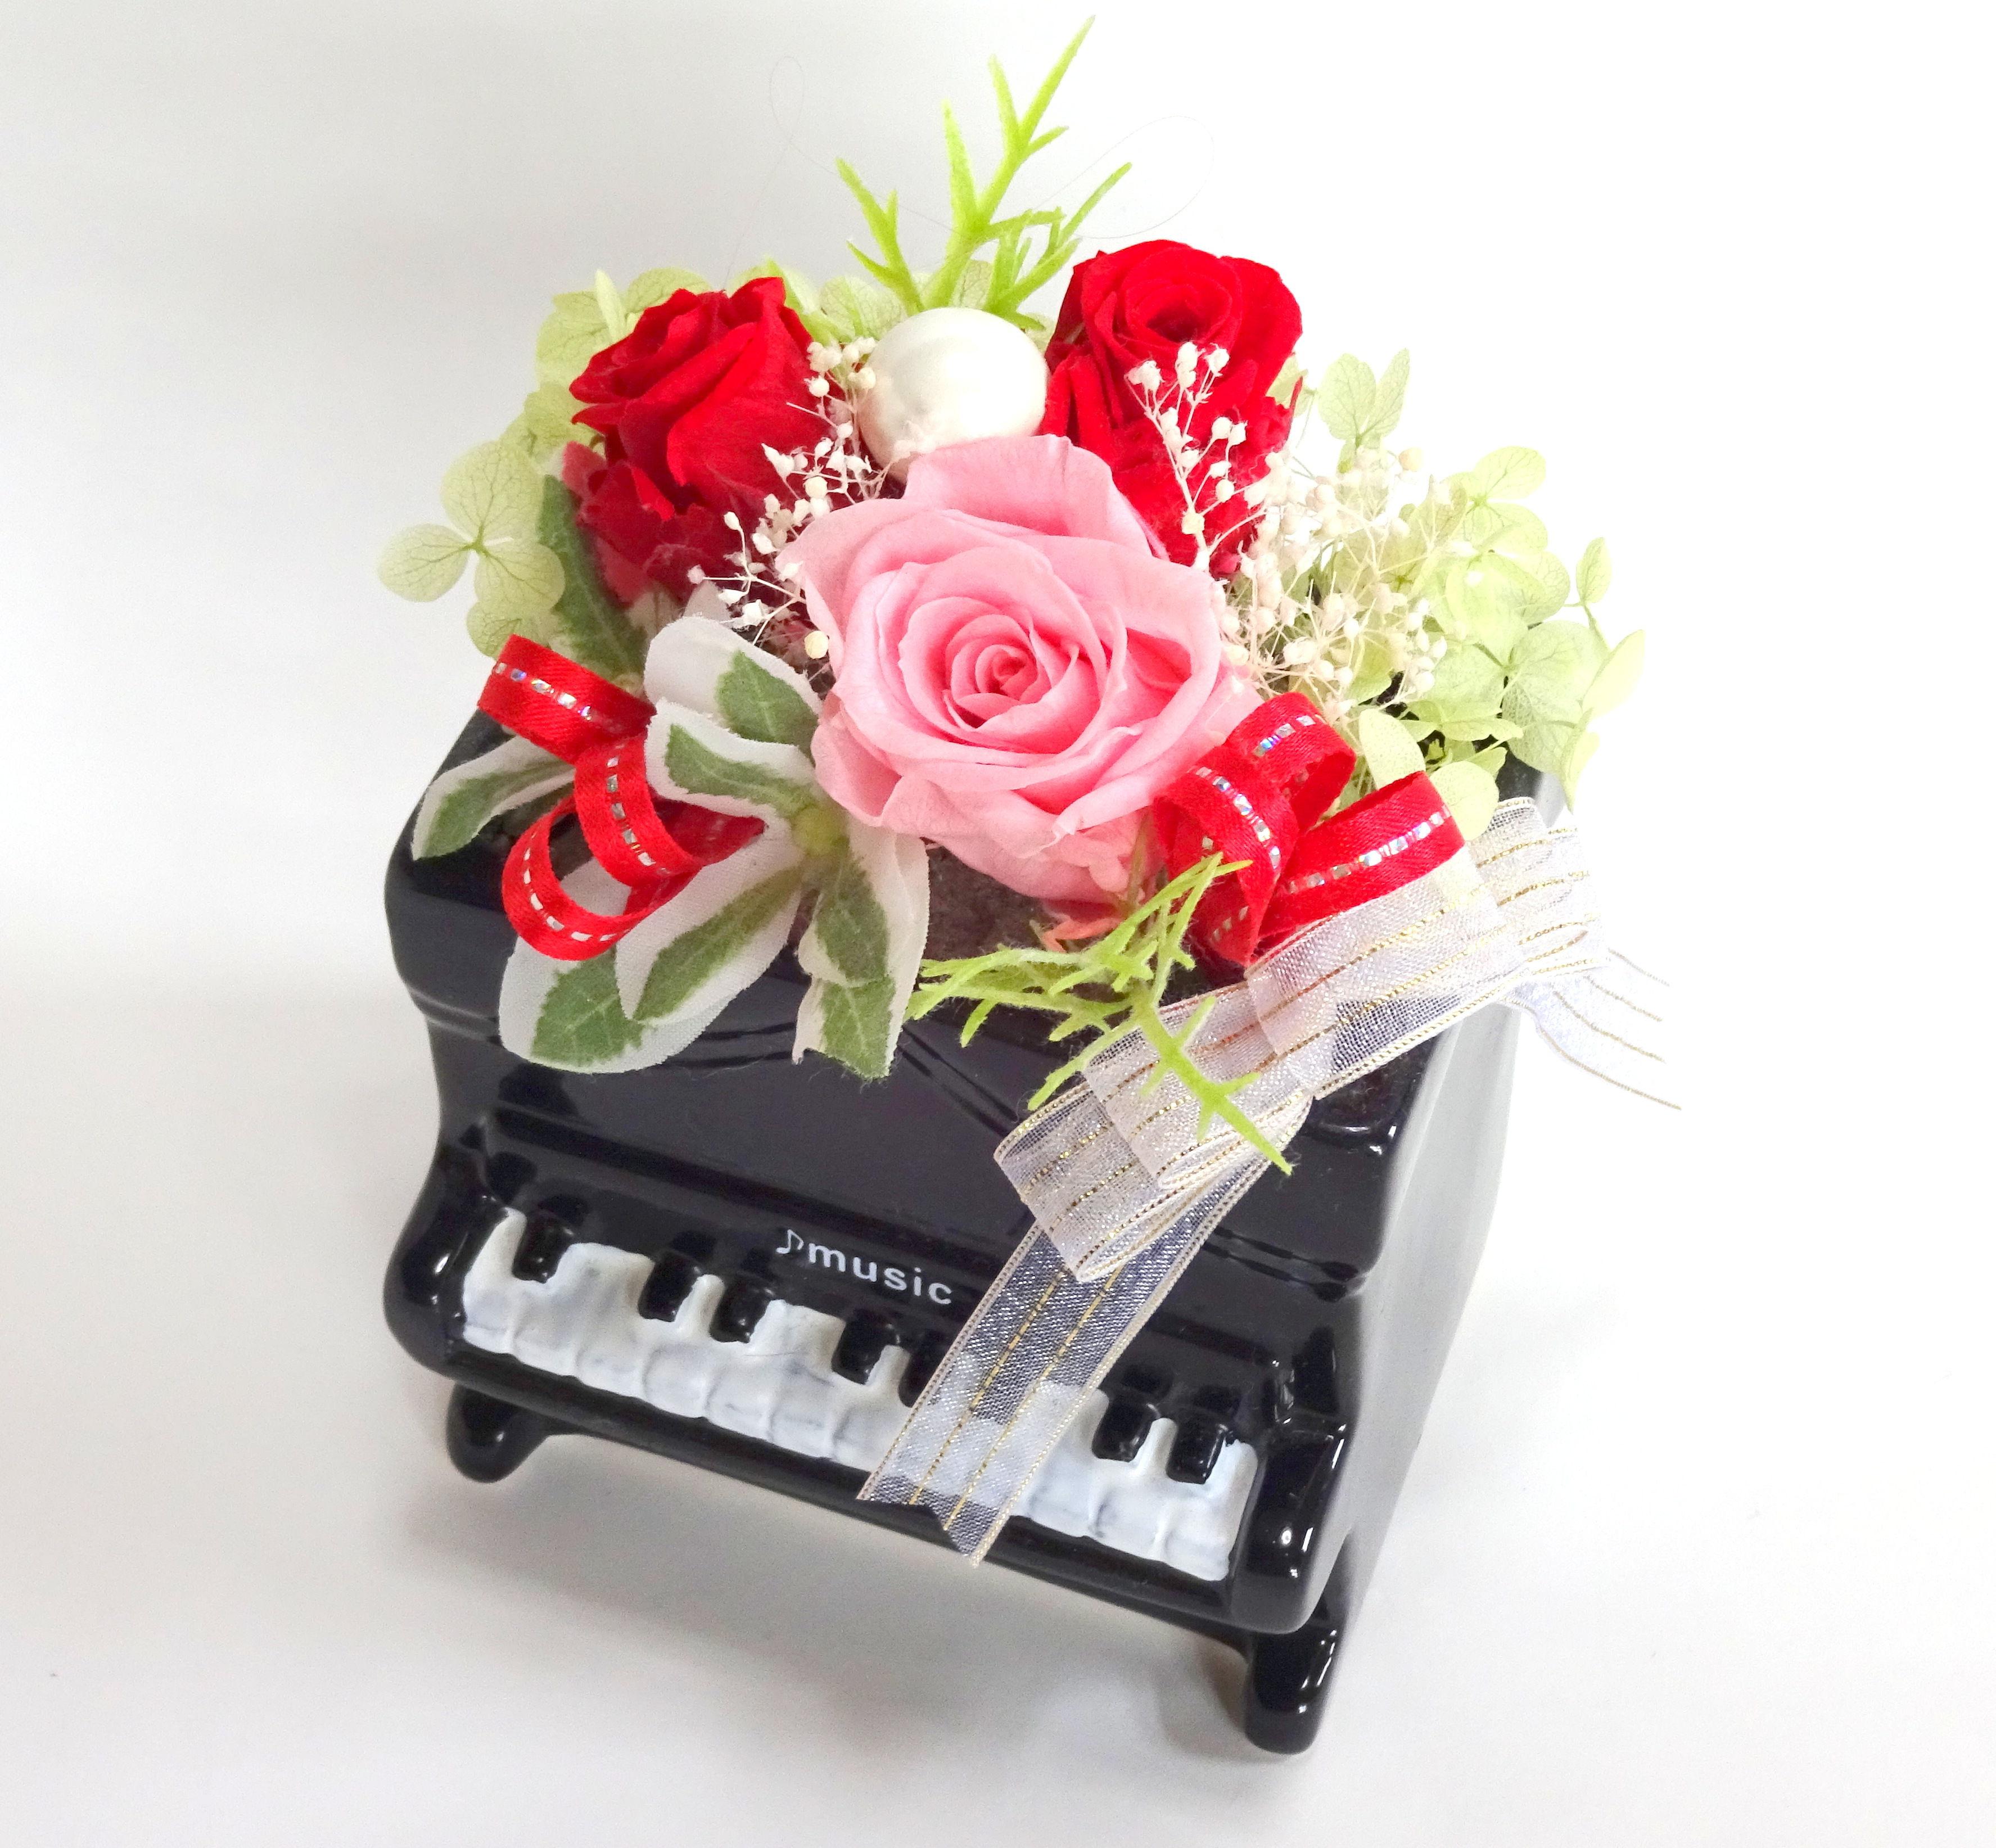 ピアノ~記念日・発表会のプレゼントに 【送料無料】レッド・オレンジ・ブルーからお選びください